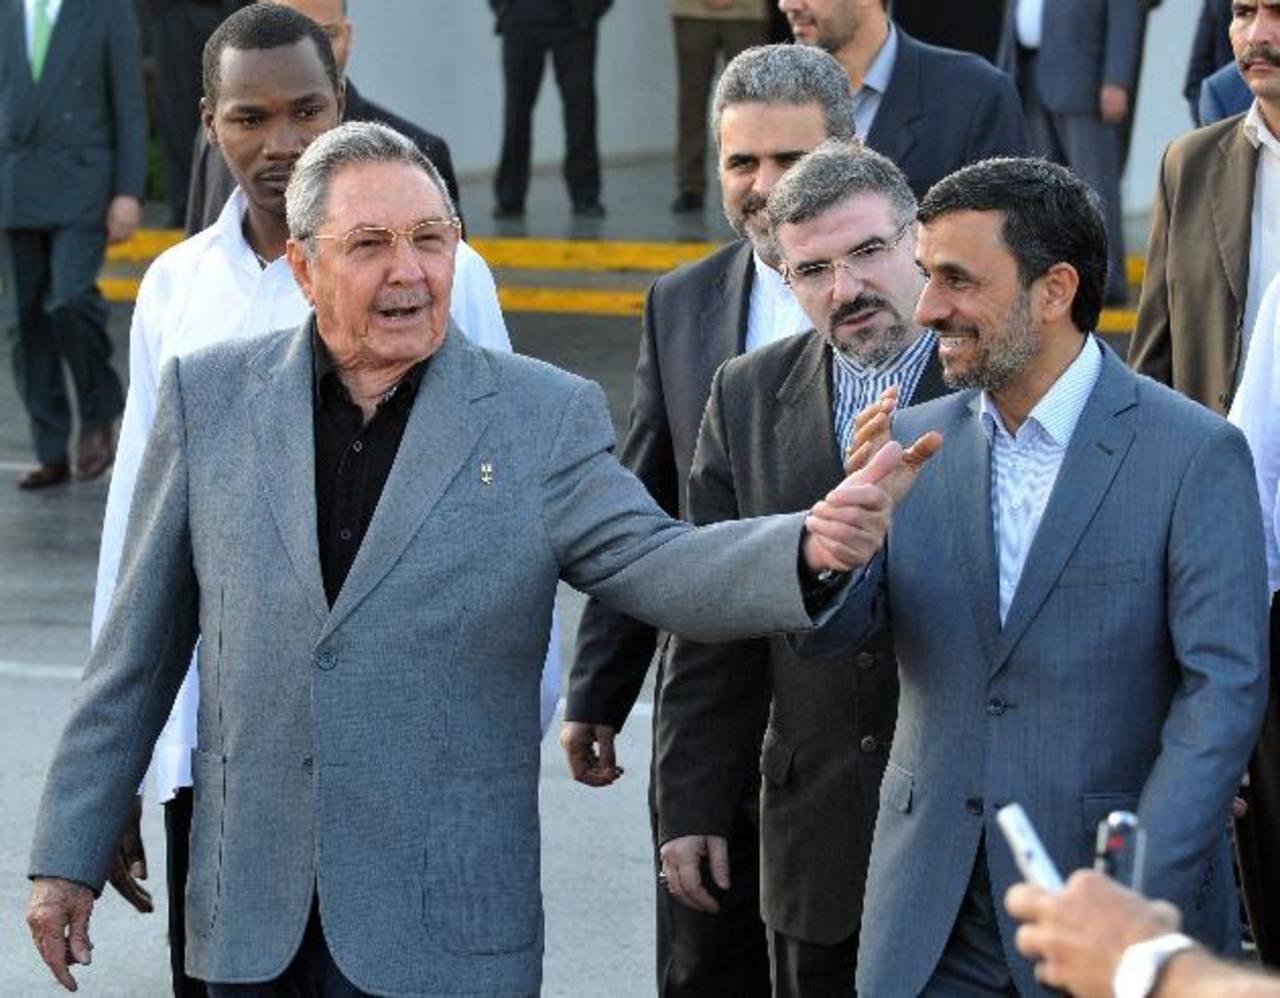 Imagen de 2012 del dictador cubano, Raúl Castro (izq.), junto a su homólogo de Irán, Mahmud Ahmadineyad (d), en el aeropuerto José Martí de La Habana. foto edh / EFE